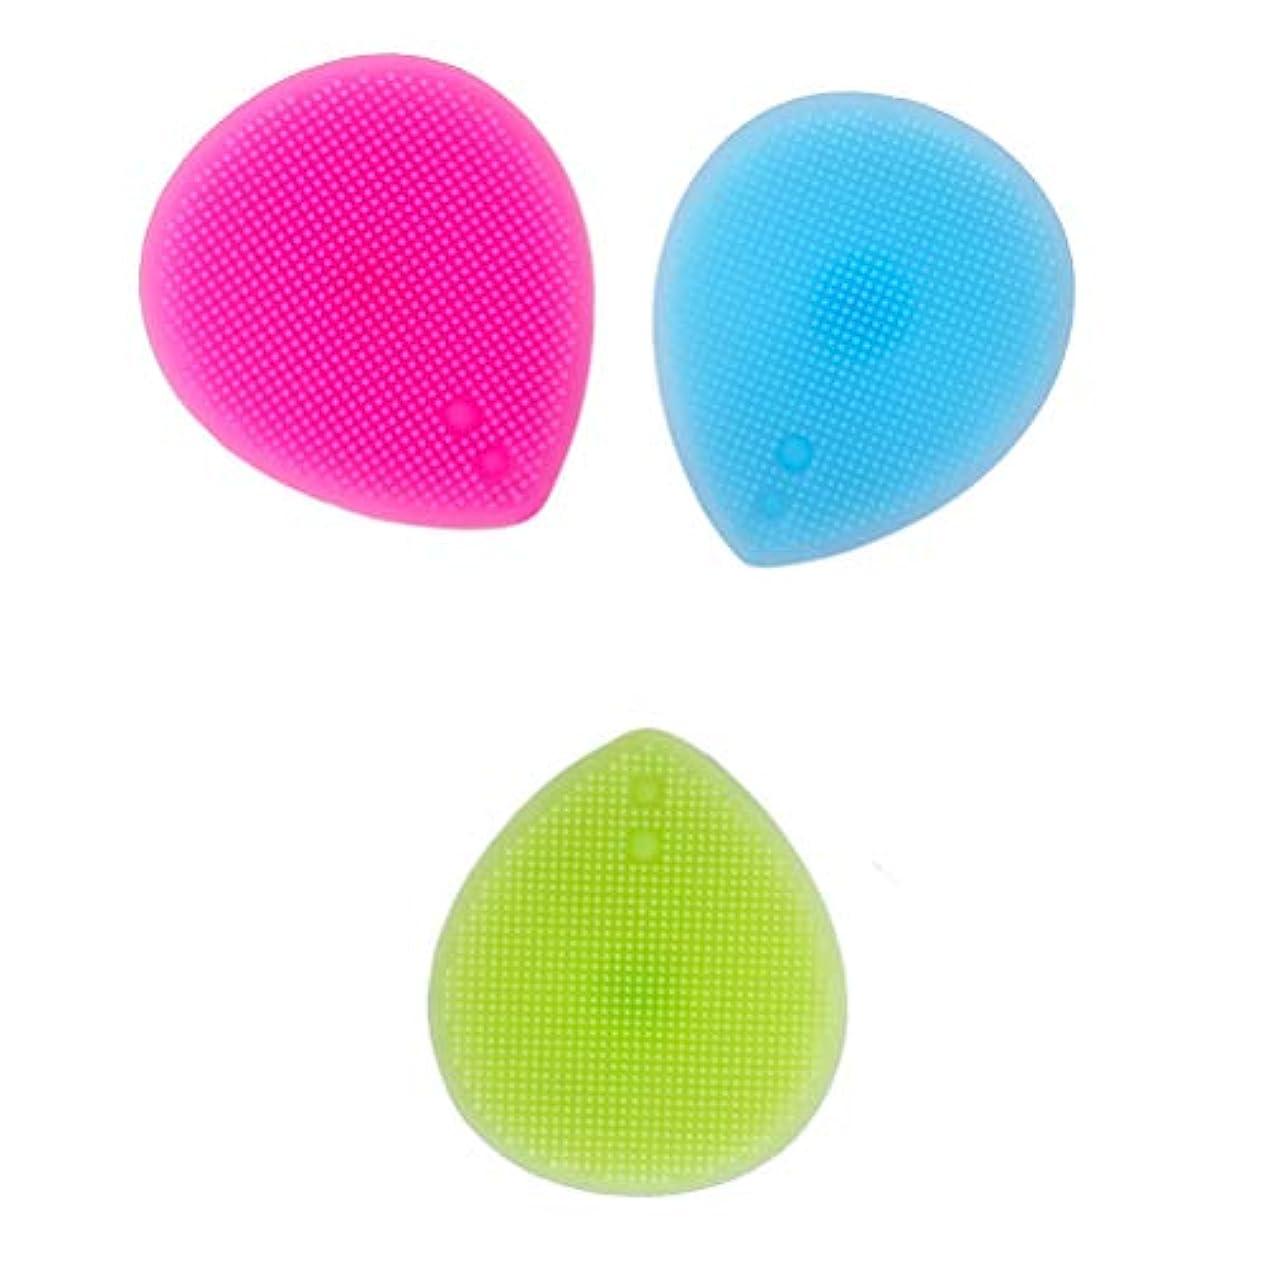 果てしない保持識別Lurrose 3PCSシリコーンフェイシャルクレンジングブラシ手動フェイシャルマッサージブラシ女性用(ブルー+バラ色+グリーン)